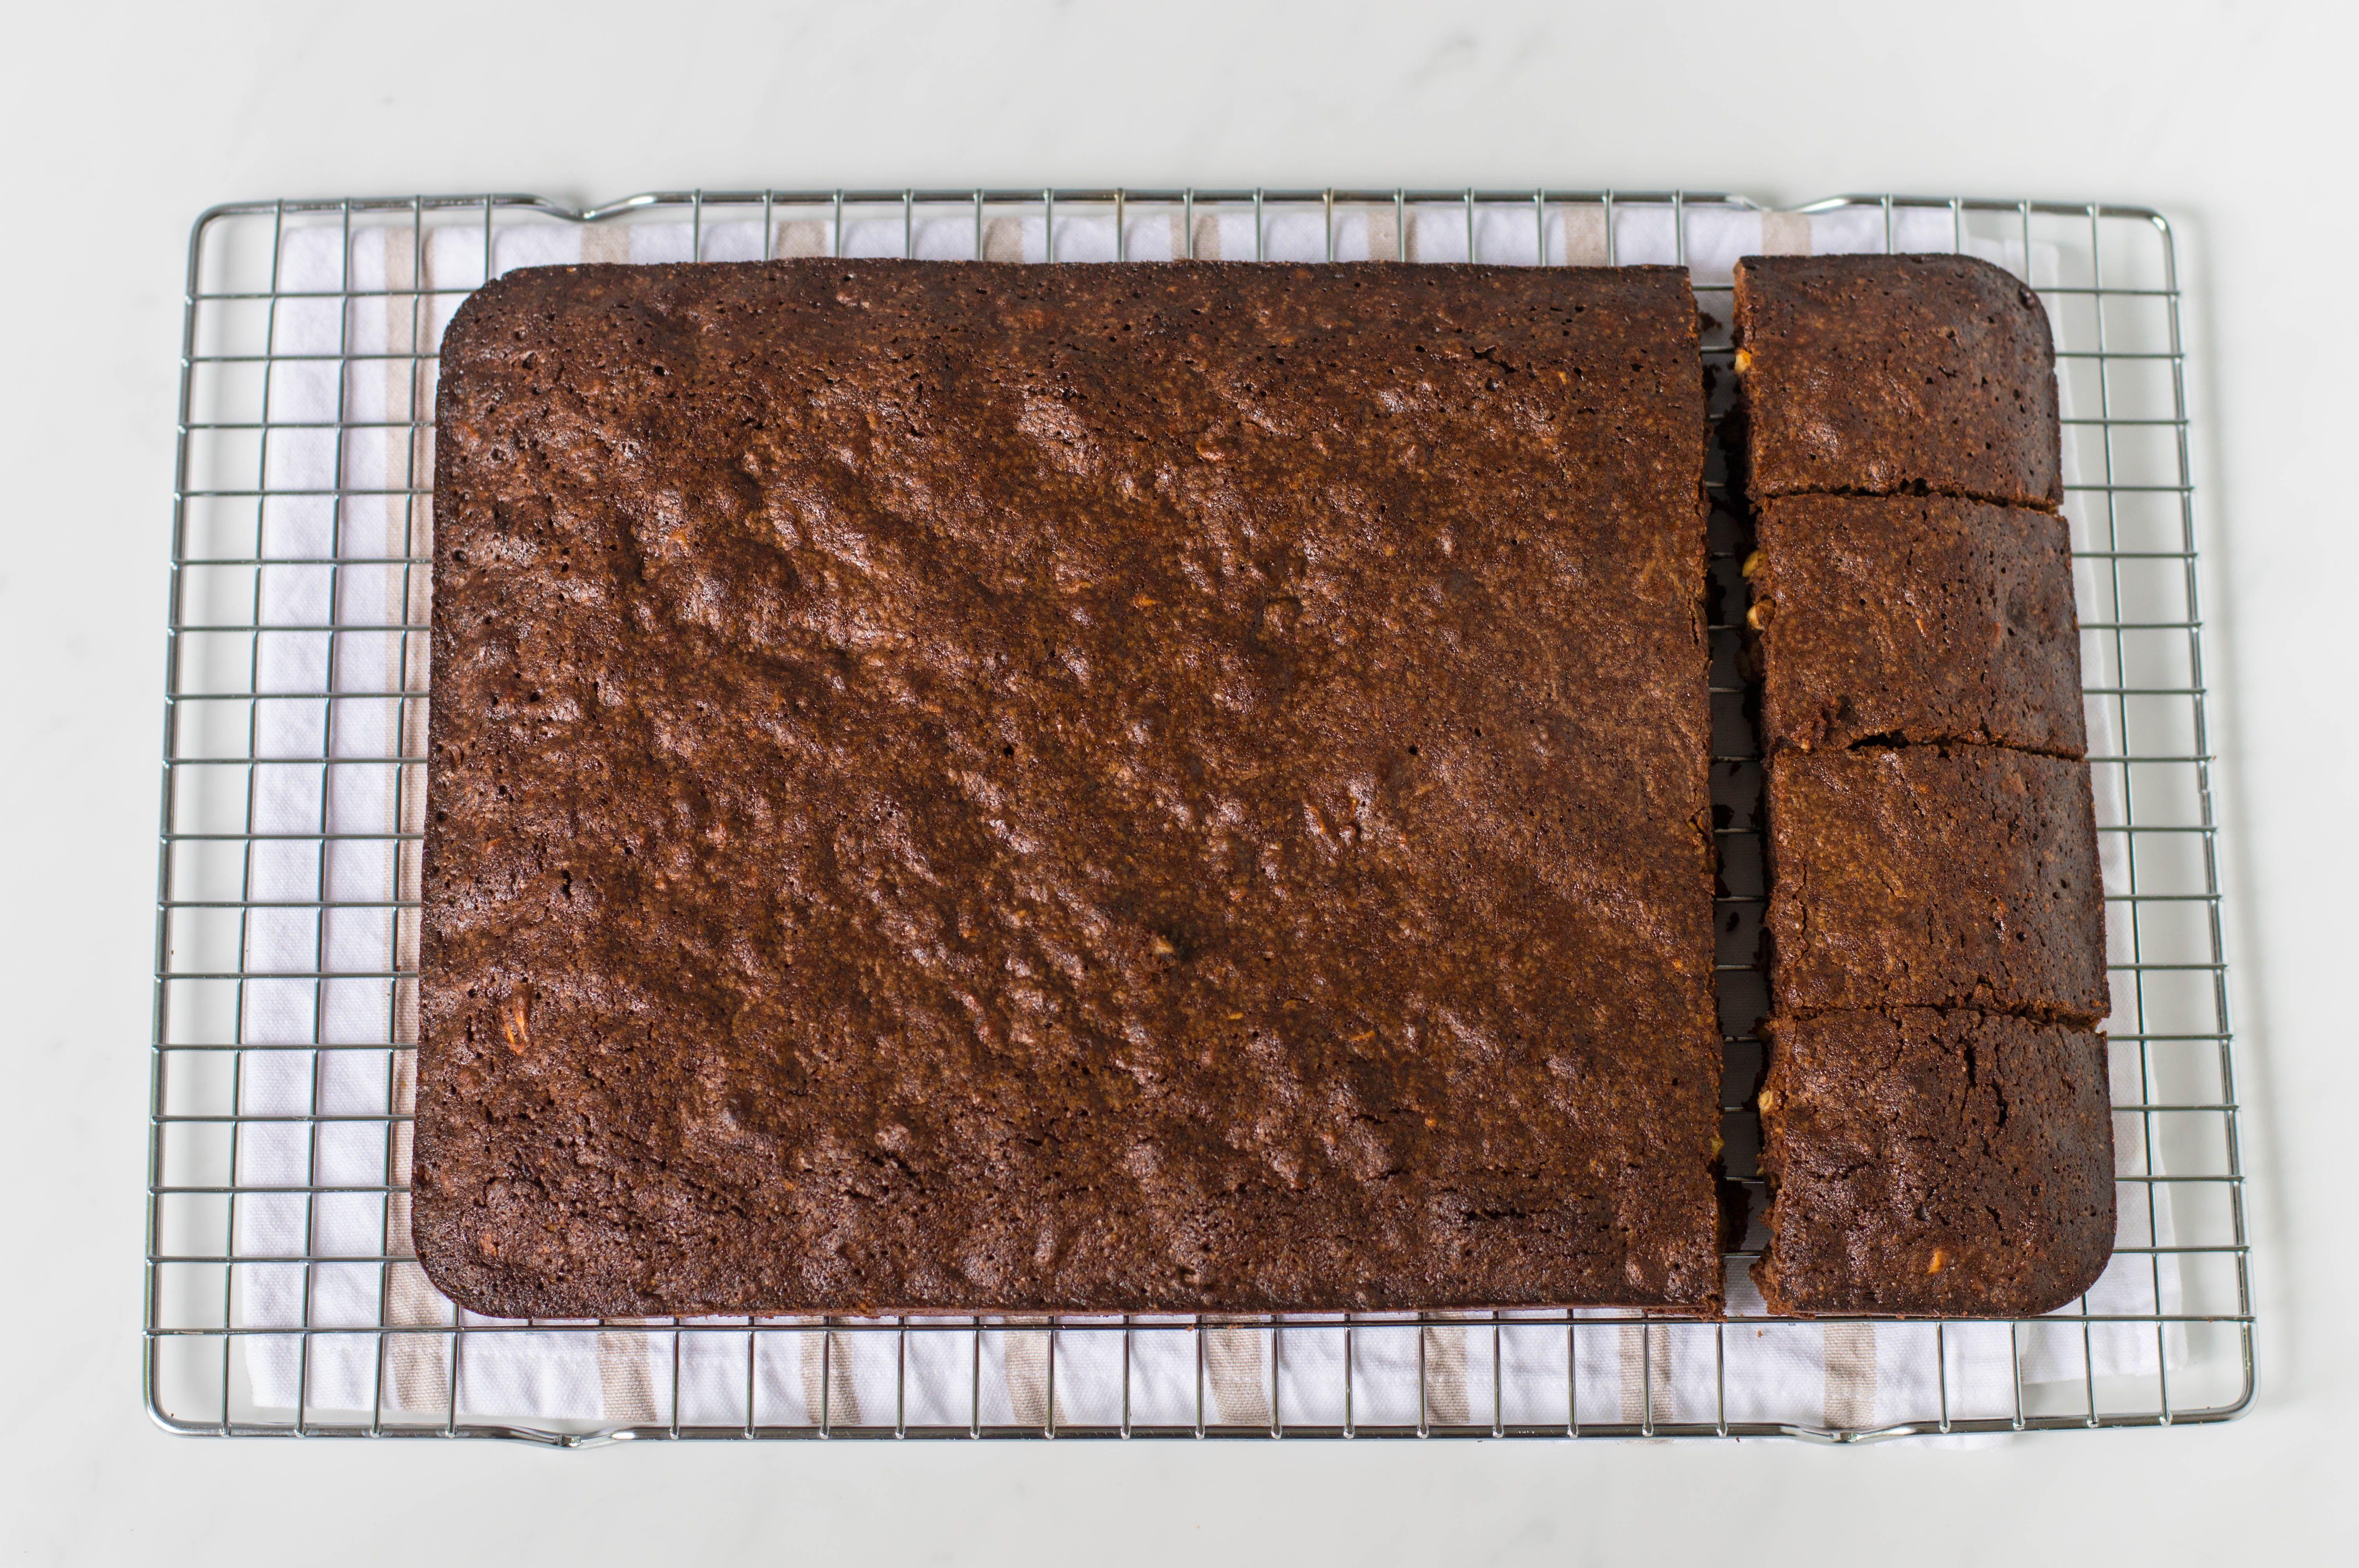 Chocolate Fudge Brownies on cooling rack